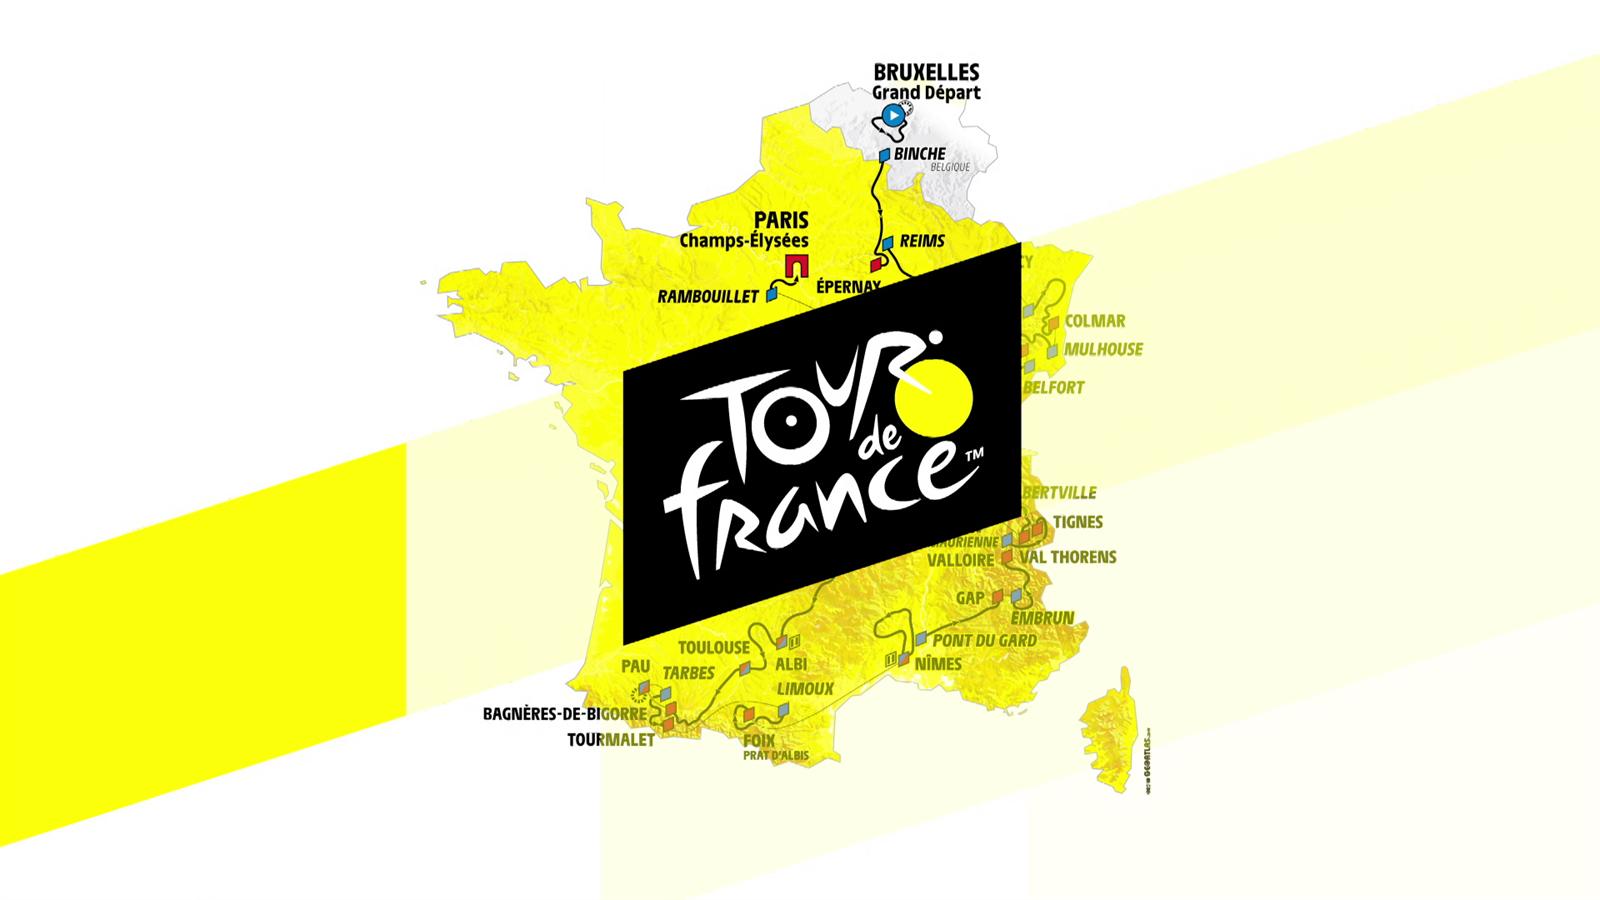 VIDEO - Tour de France 2019, Tappa 15: Limoux-Foix Prat d'Albis ...